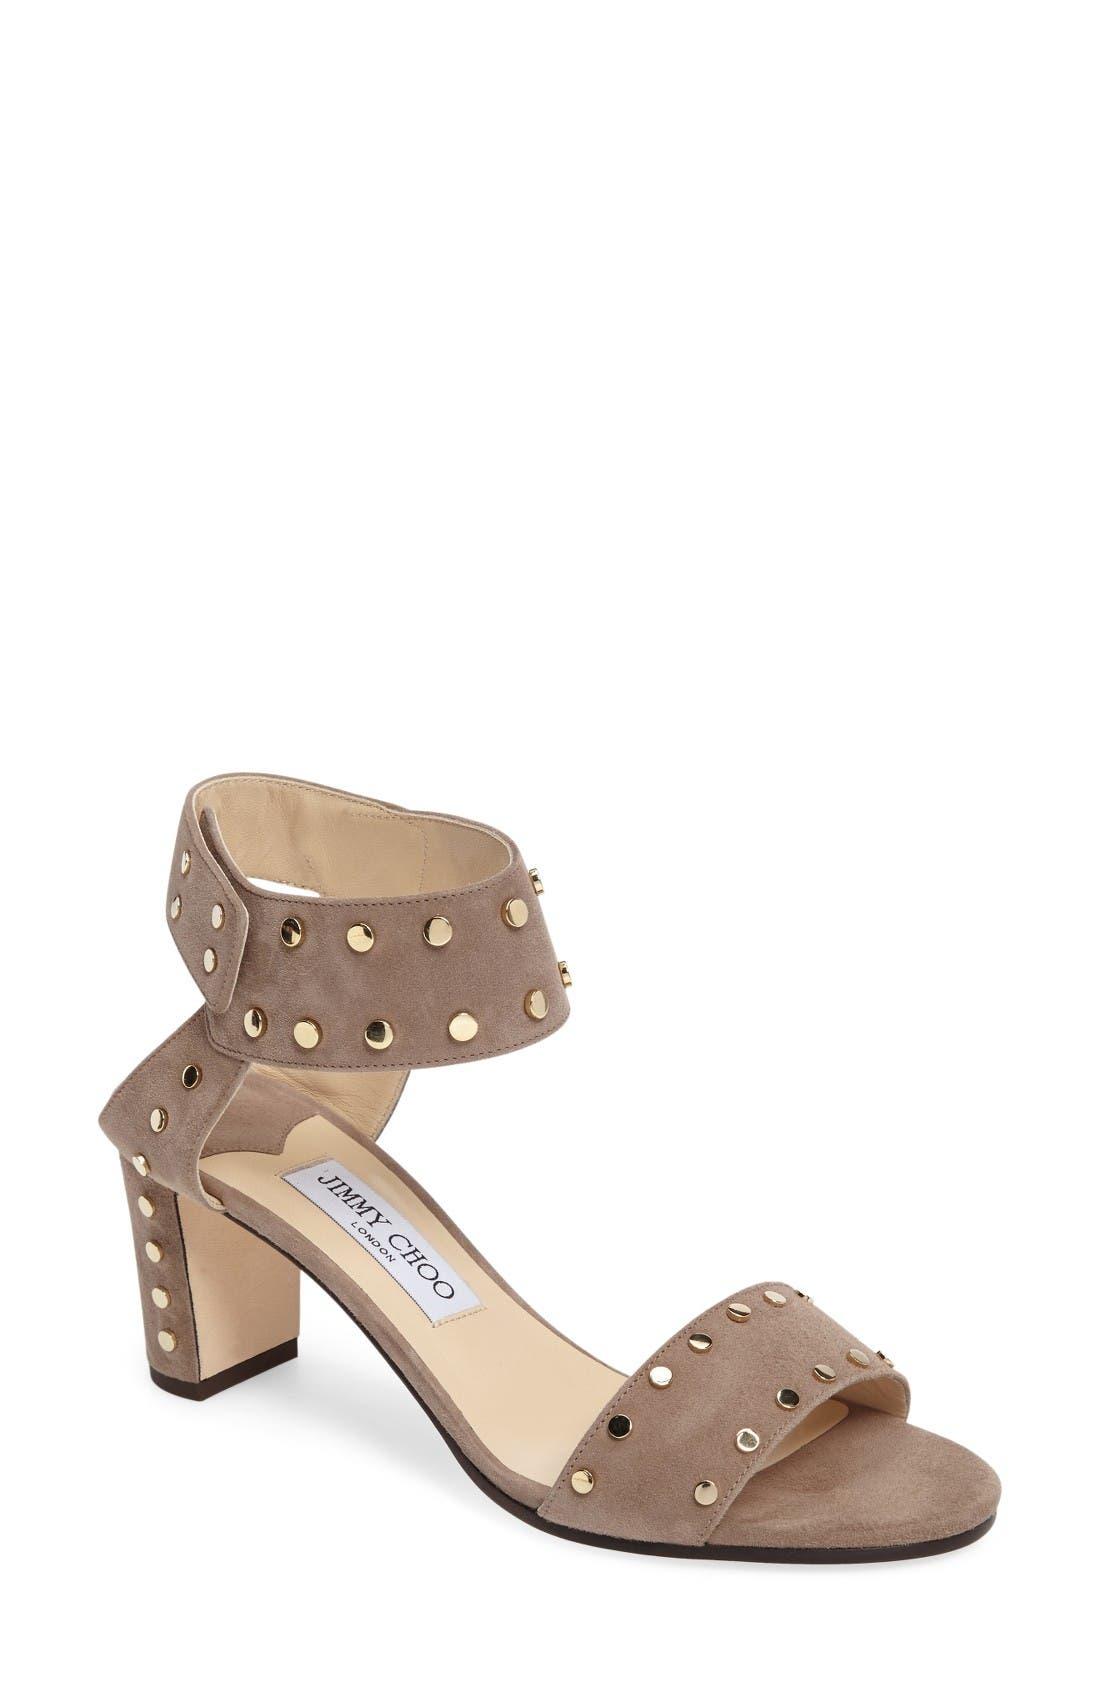 JIMMY CHOO 'Veto' Studded Sandal